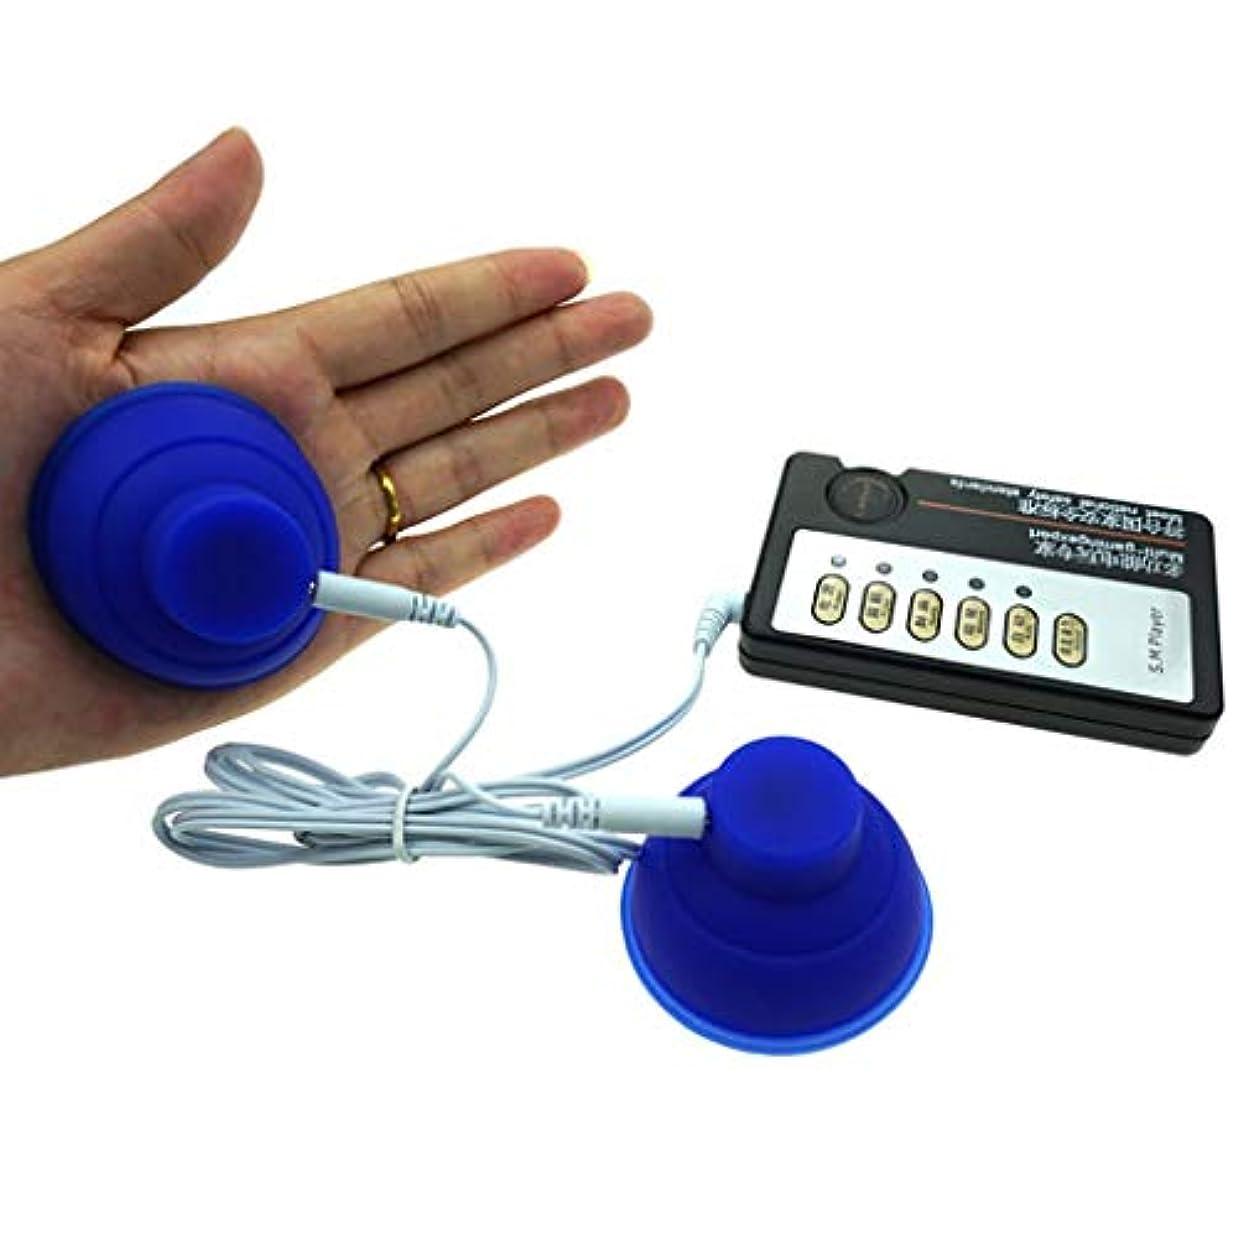 固める工夫する一般的に言えば電気刺激 大人のおもちゃ電気刺激性のおもちゃ、電気肛門プラグ、オルガスムオナニー - 電気ショックパルス療法 - マッサージ - 乳房ポンプ - カッピング